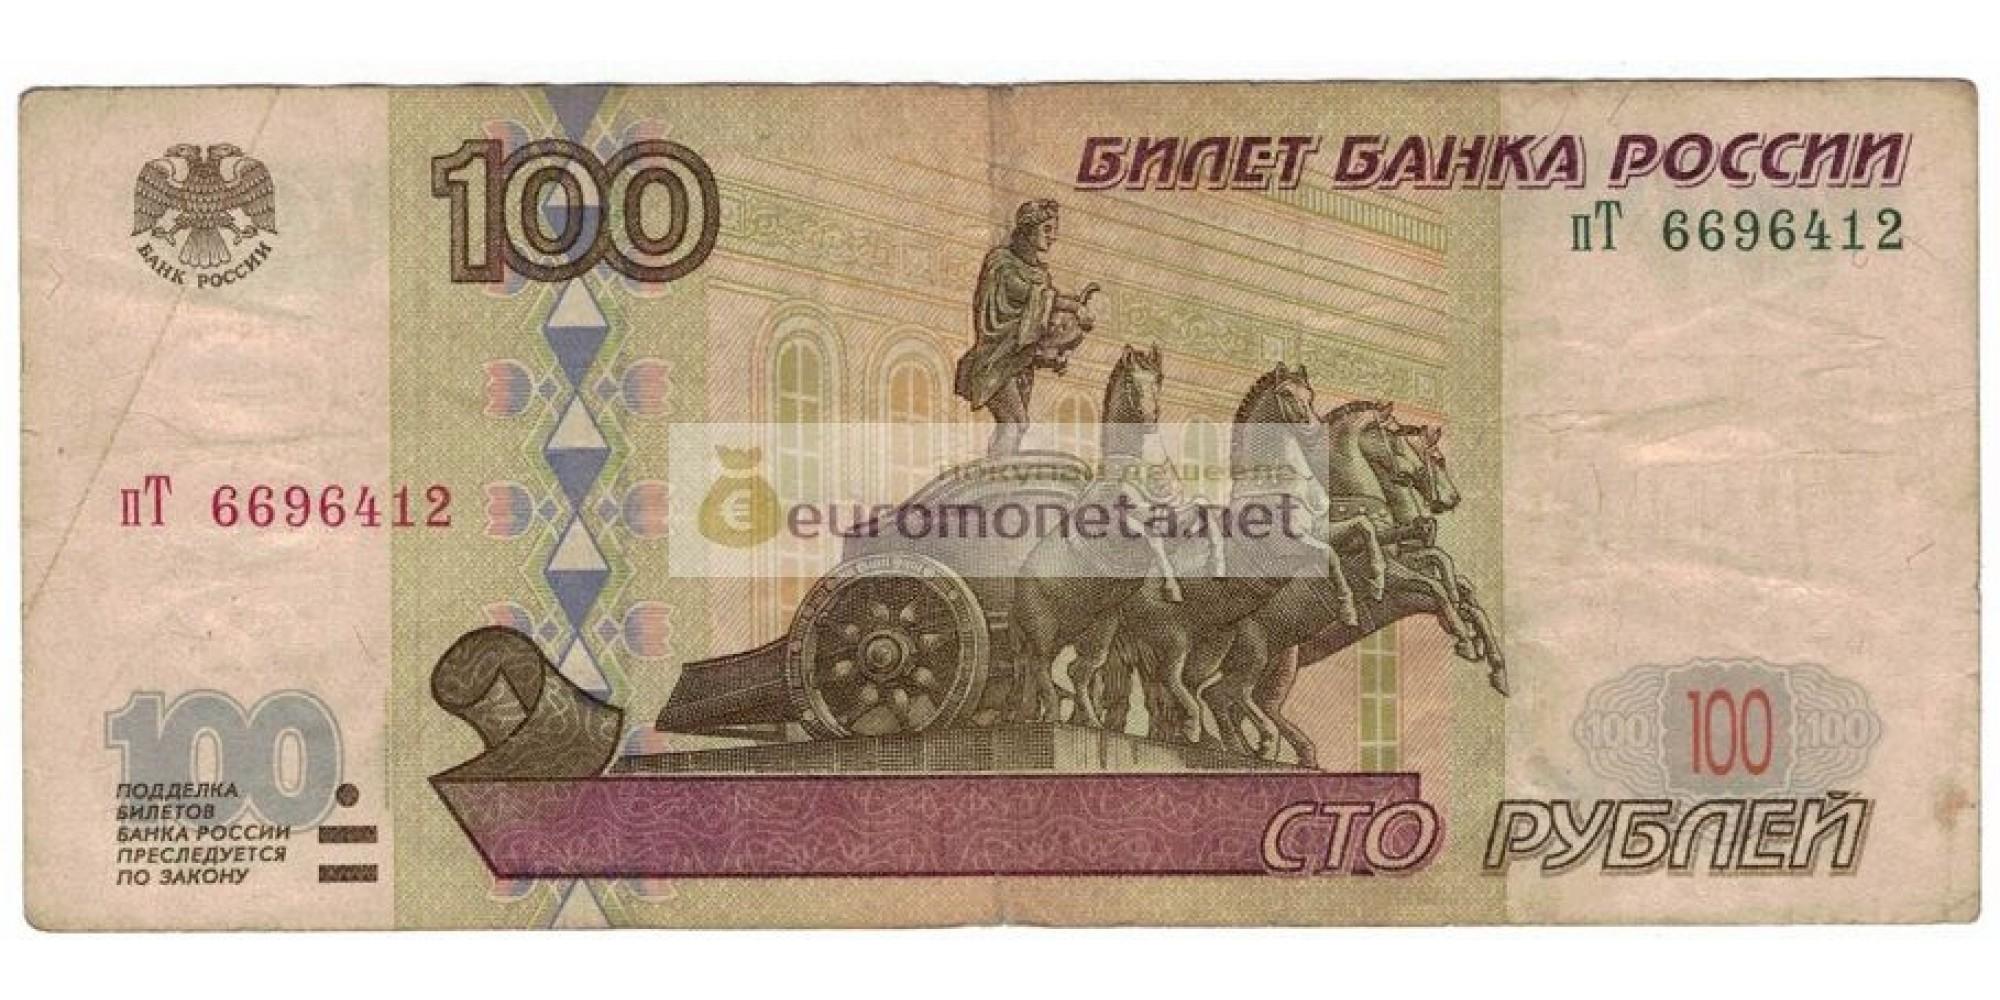 Россия 100 рублей 1997 год модификация 2001 год серия пТ 6696412